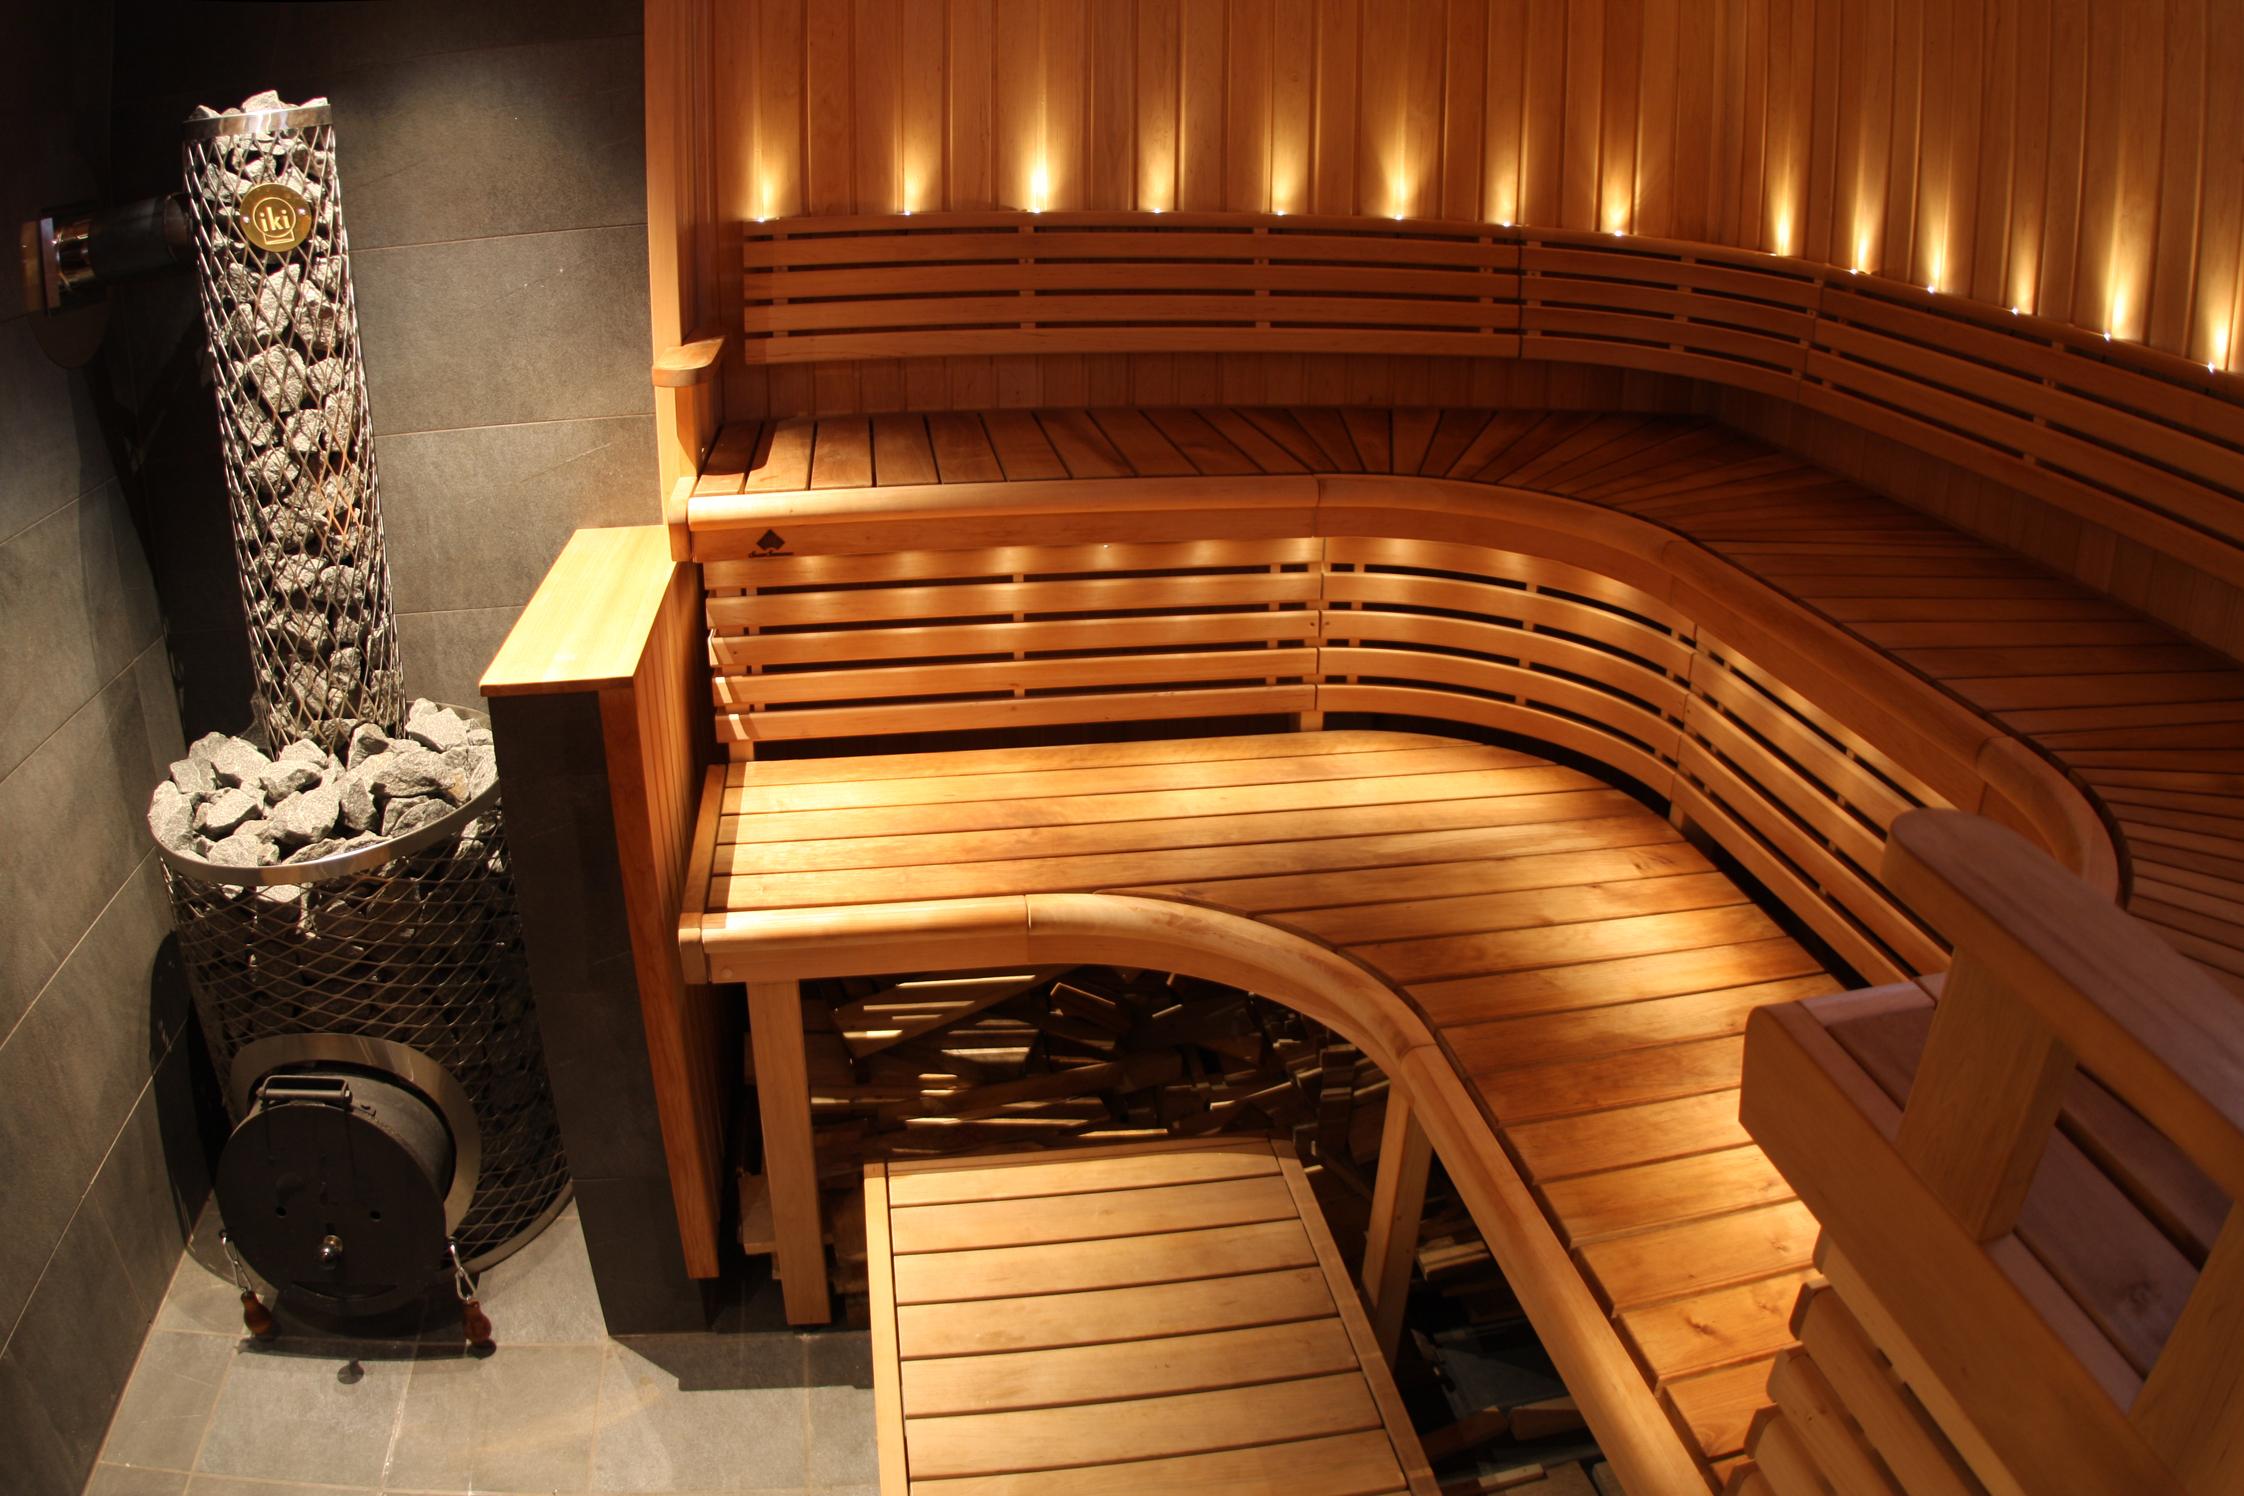 Обеспечиваем профилактику и ремонт финских саун, римских бань